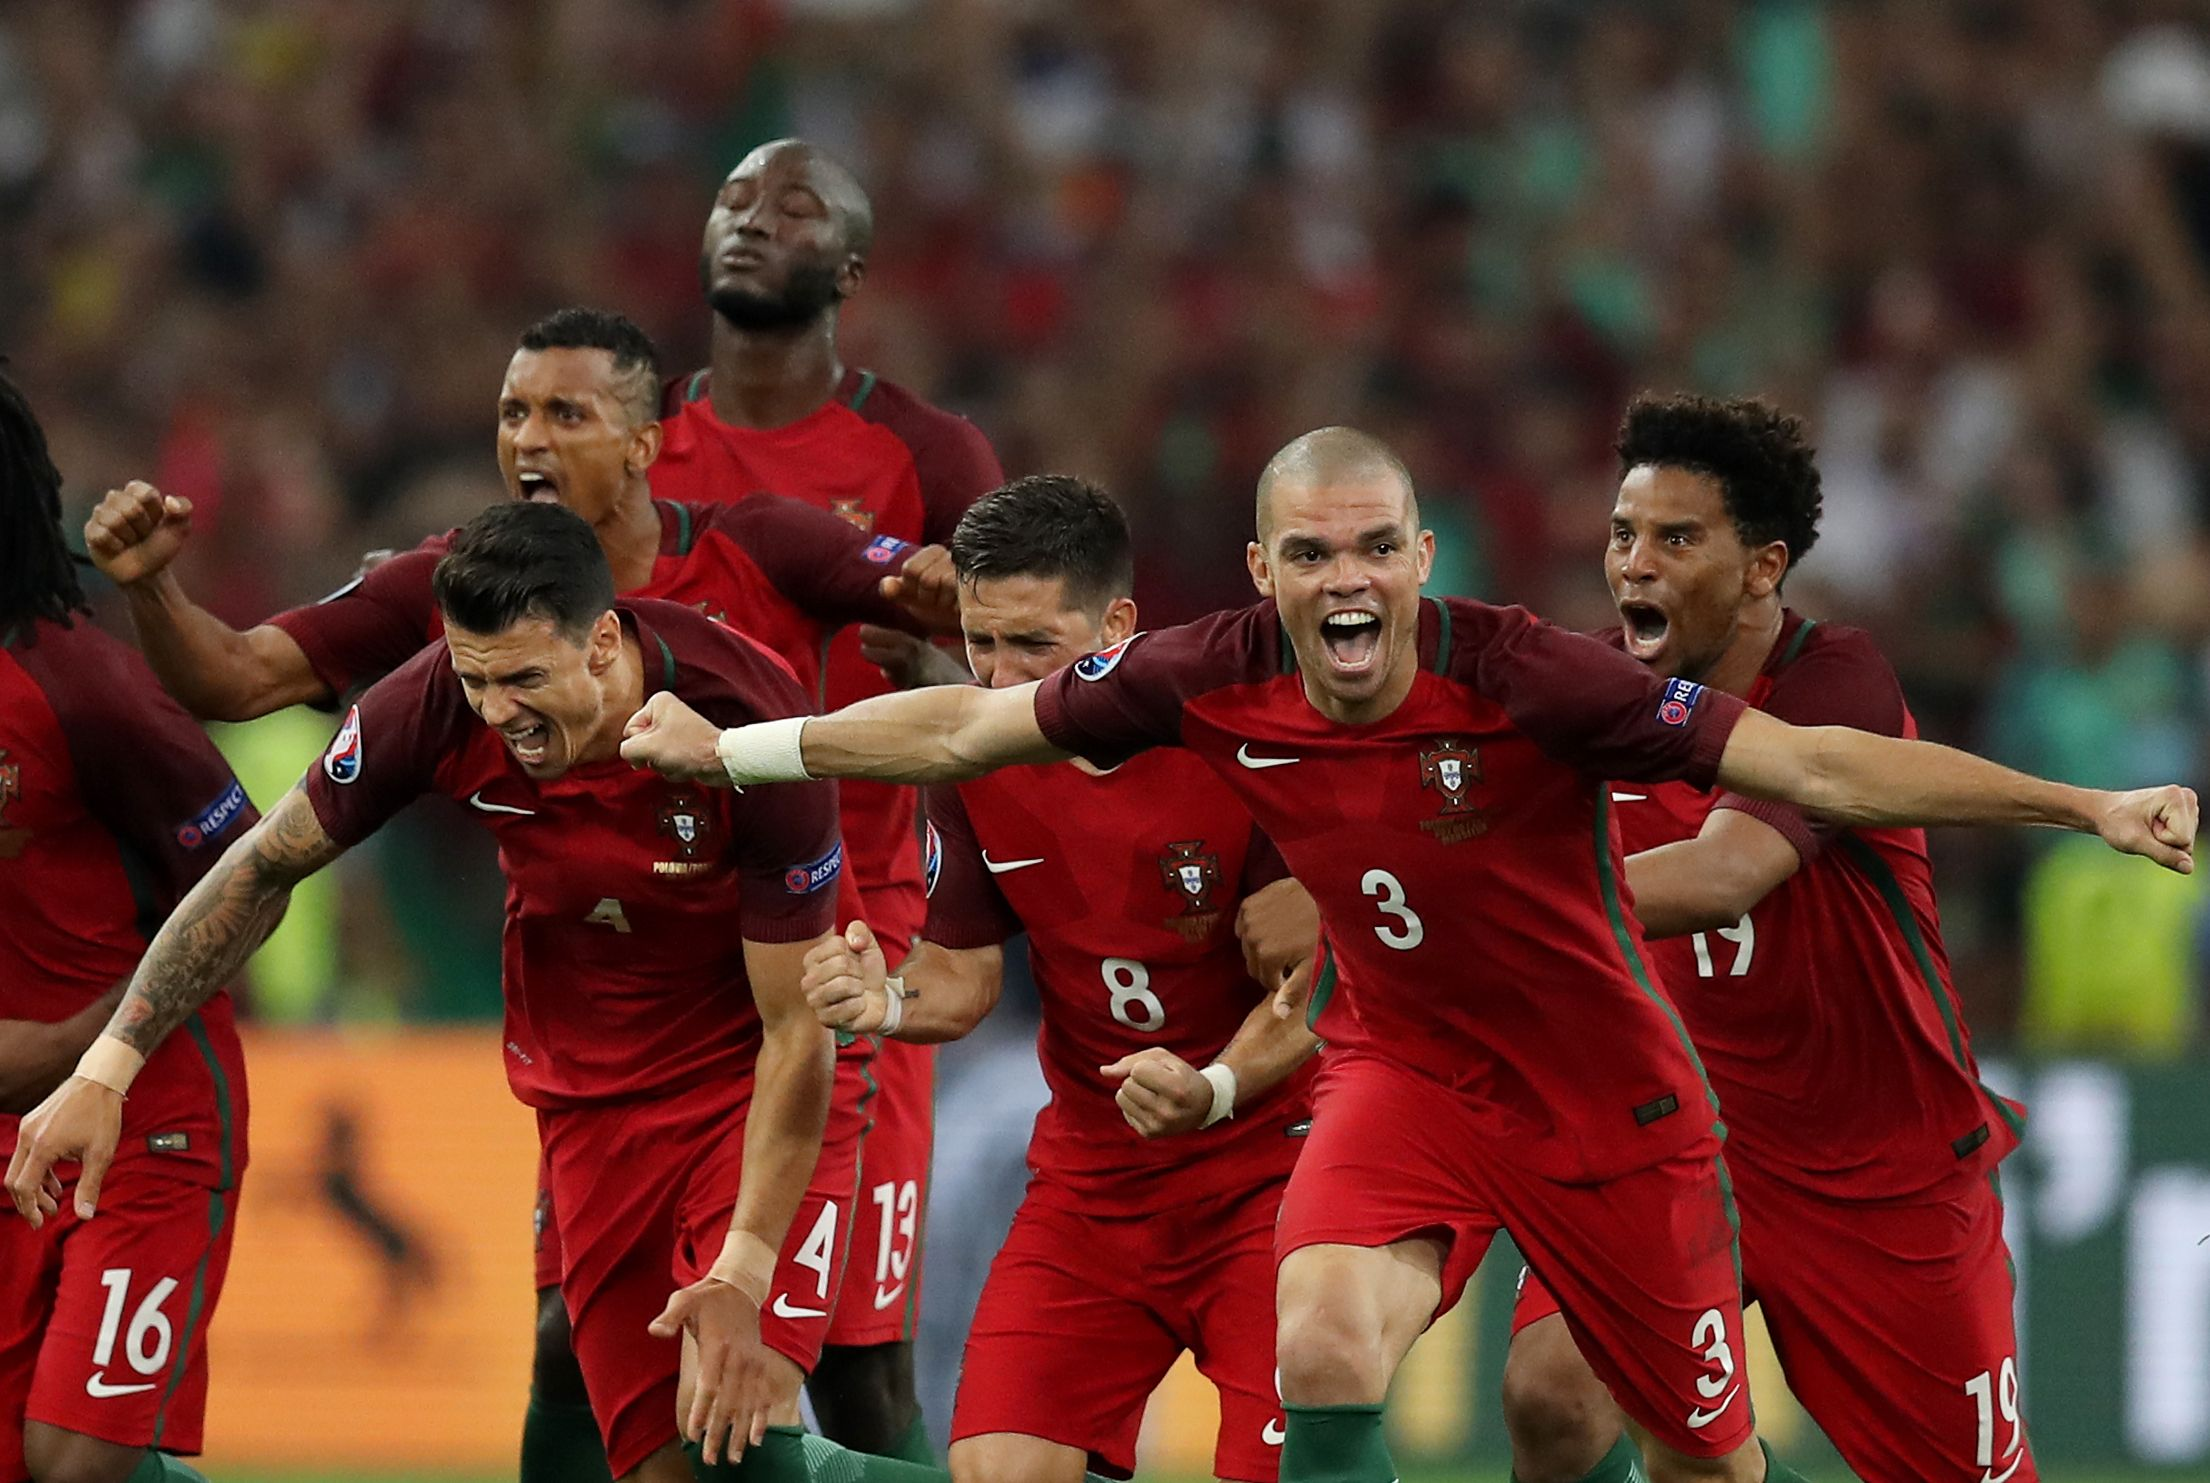 البرتغال تقترب من حلم طال انتظاره